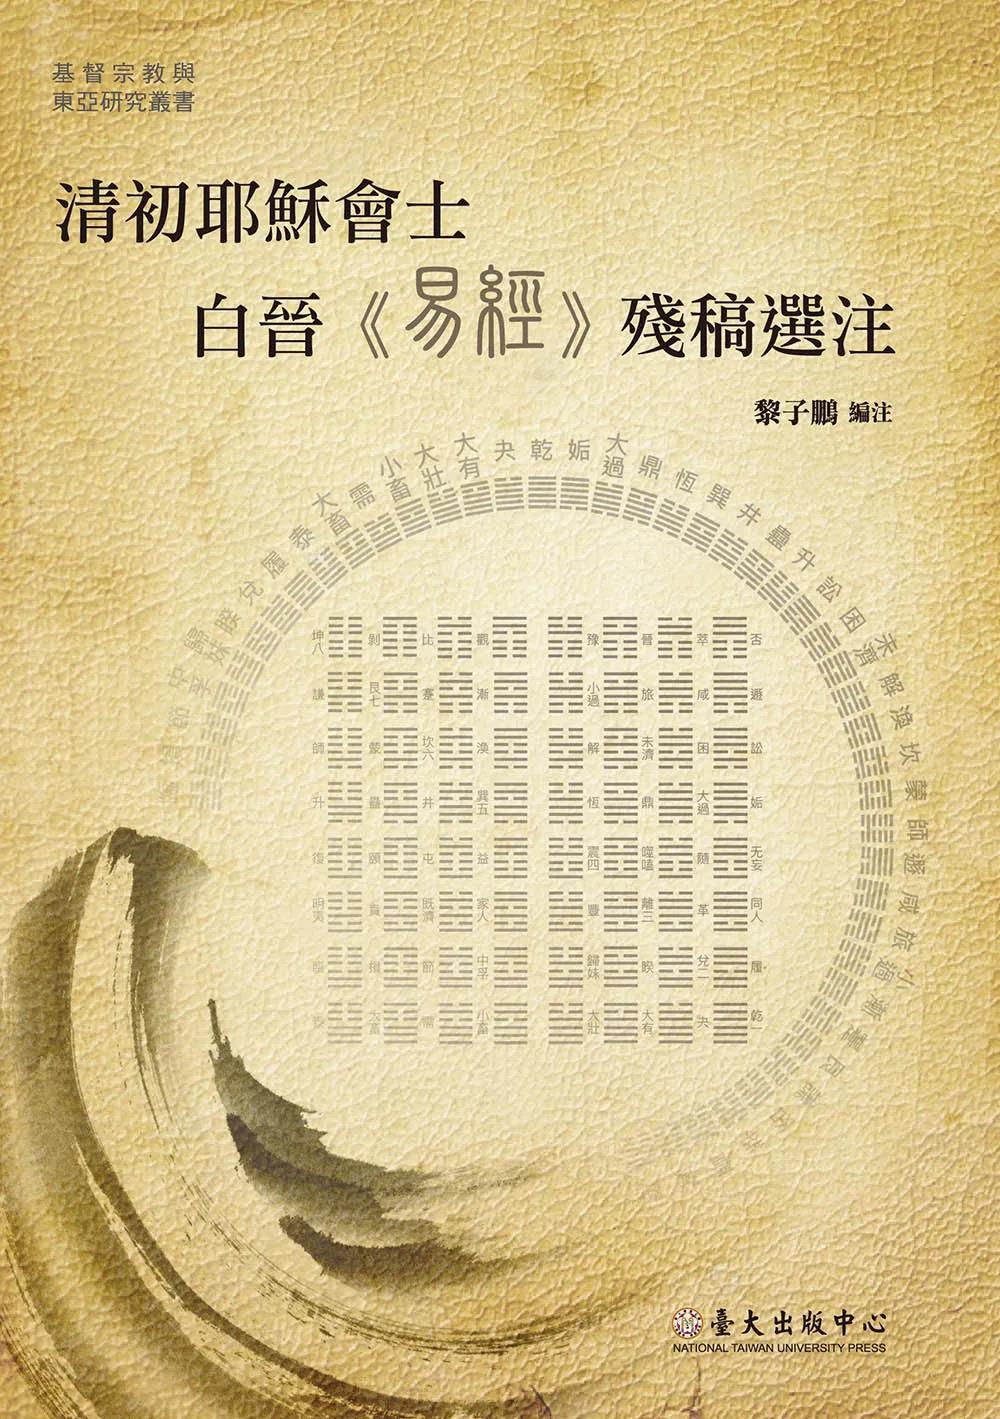 黎子鵬:《清初耶穌會士白晉〈易經〉殘稿選注》(2020)